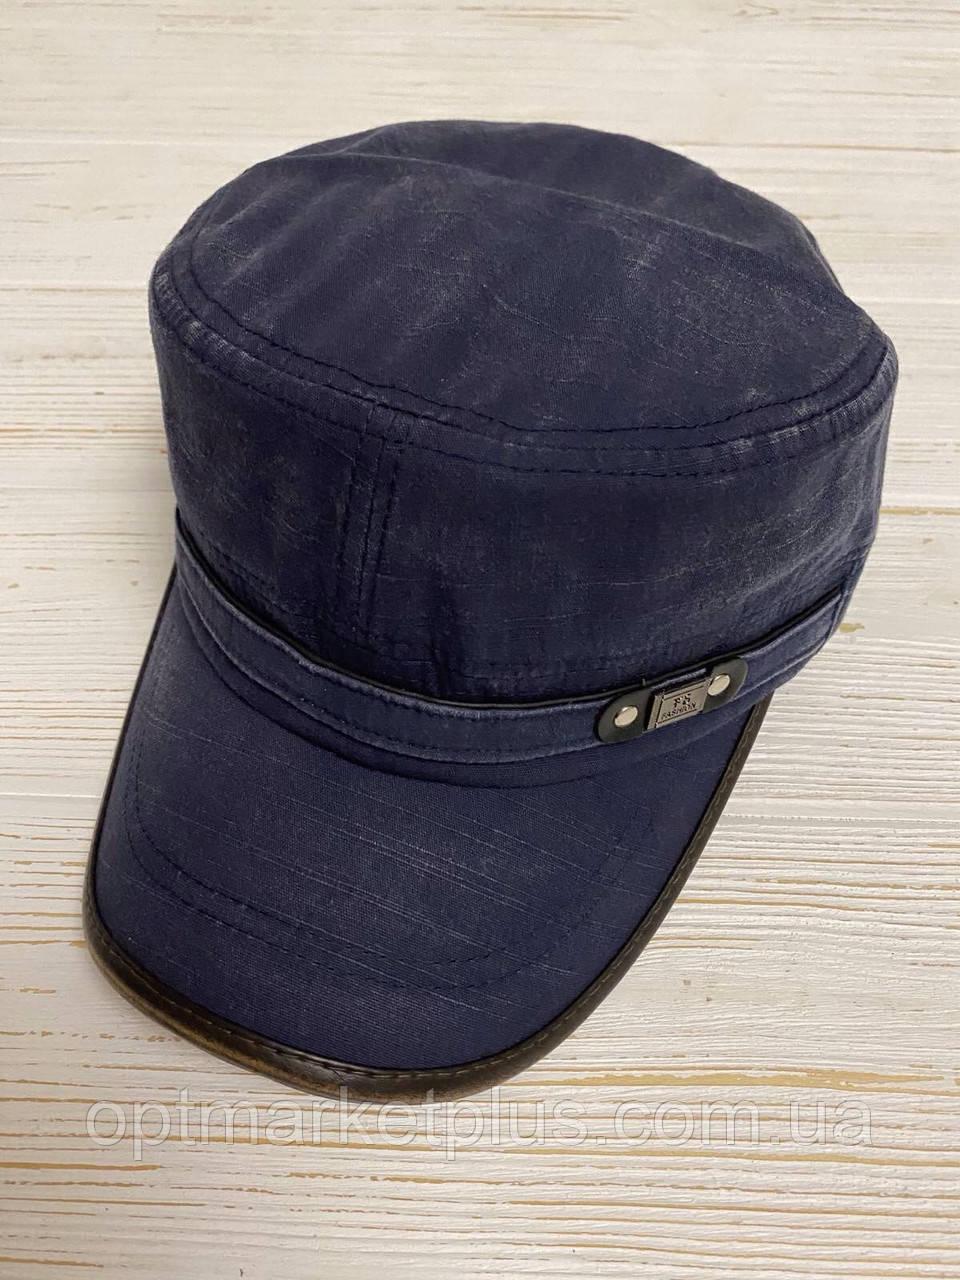 Кепки чоловічі, джинсові (57-60см) купити оптом від складу 7 км Одеса